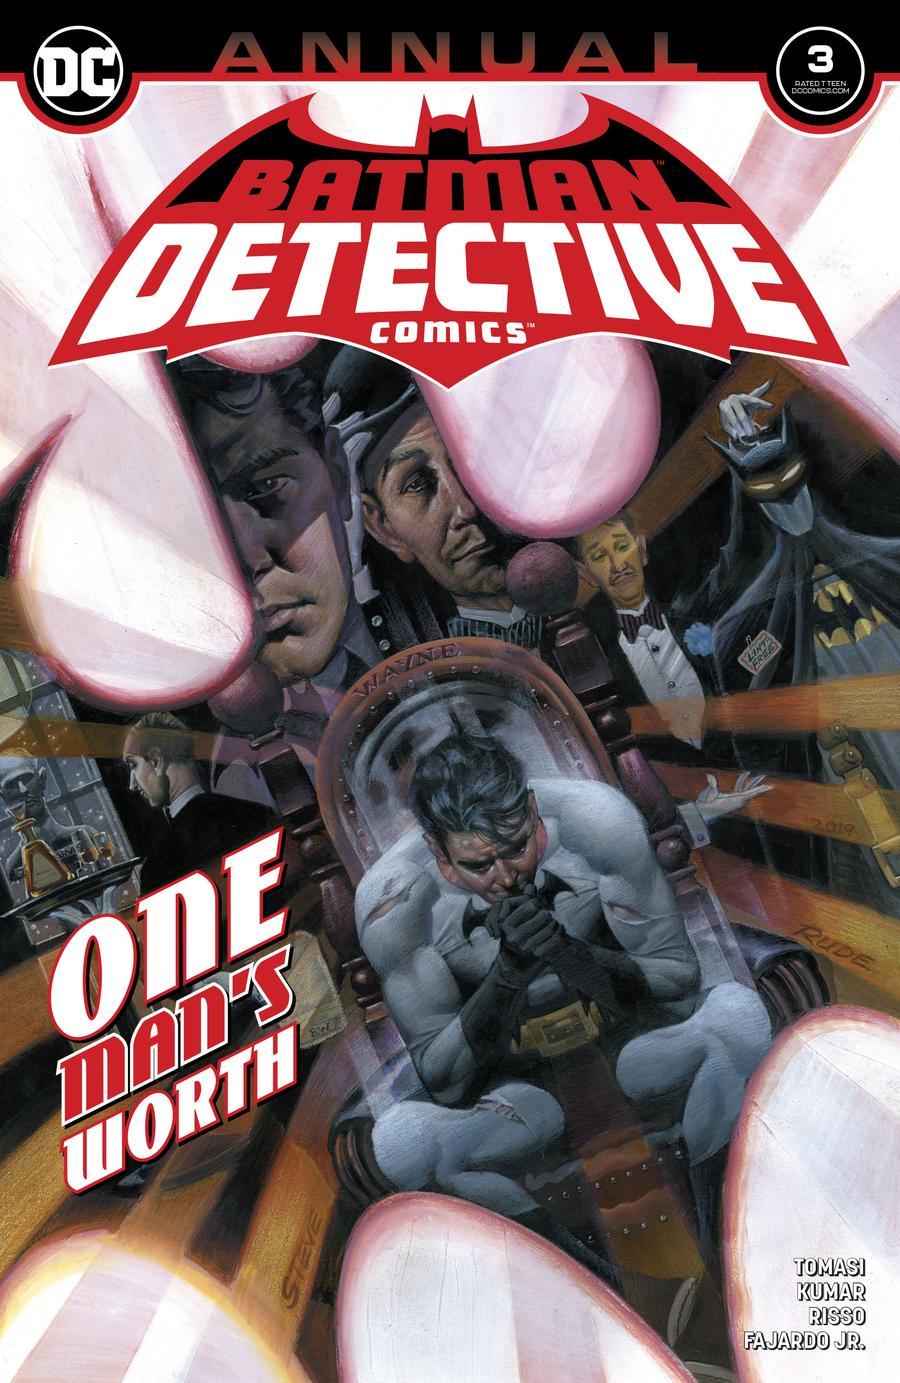 Detective Comics Vol 2 Annual #3 (2020)